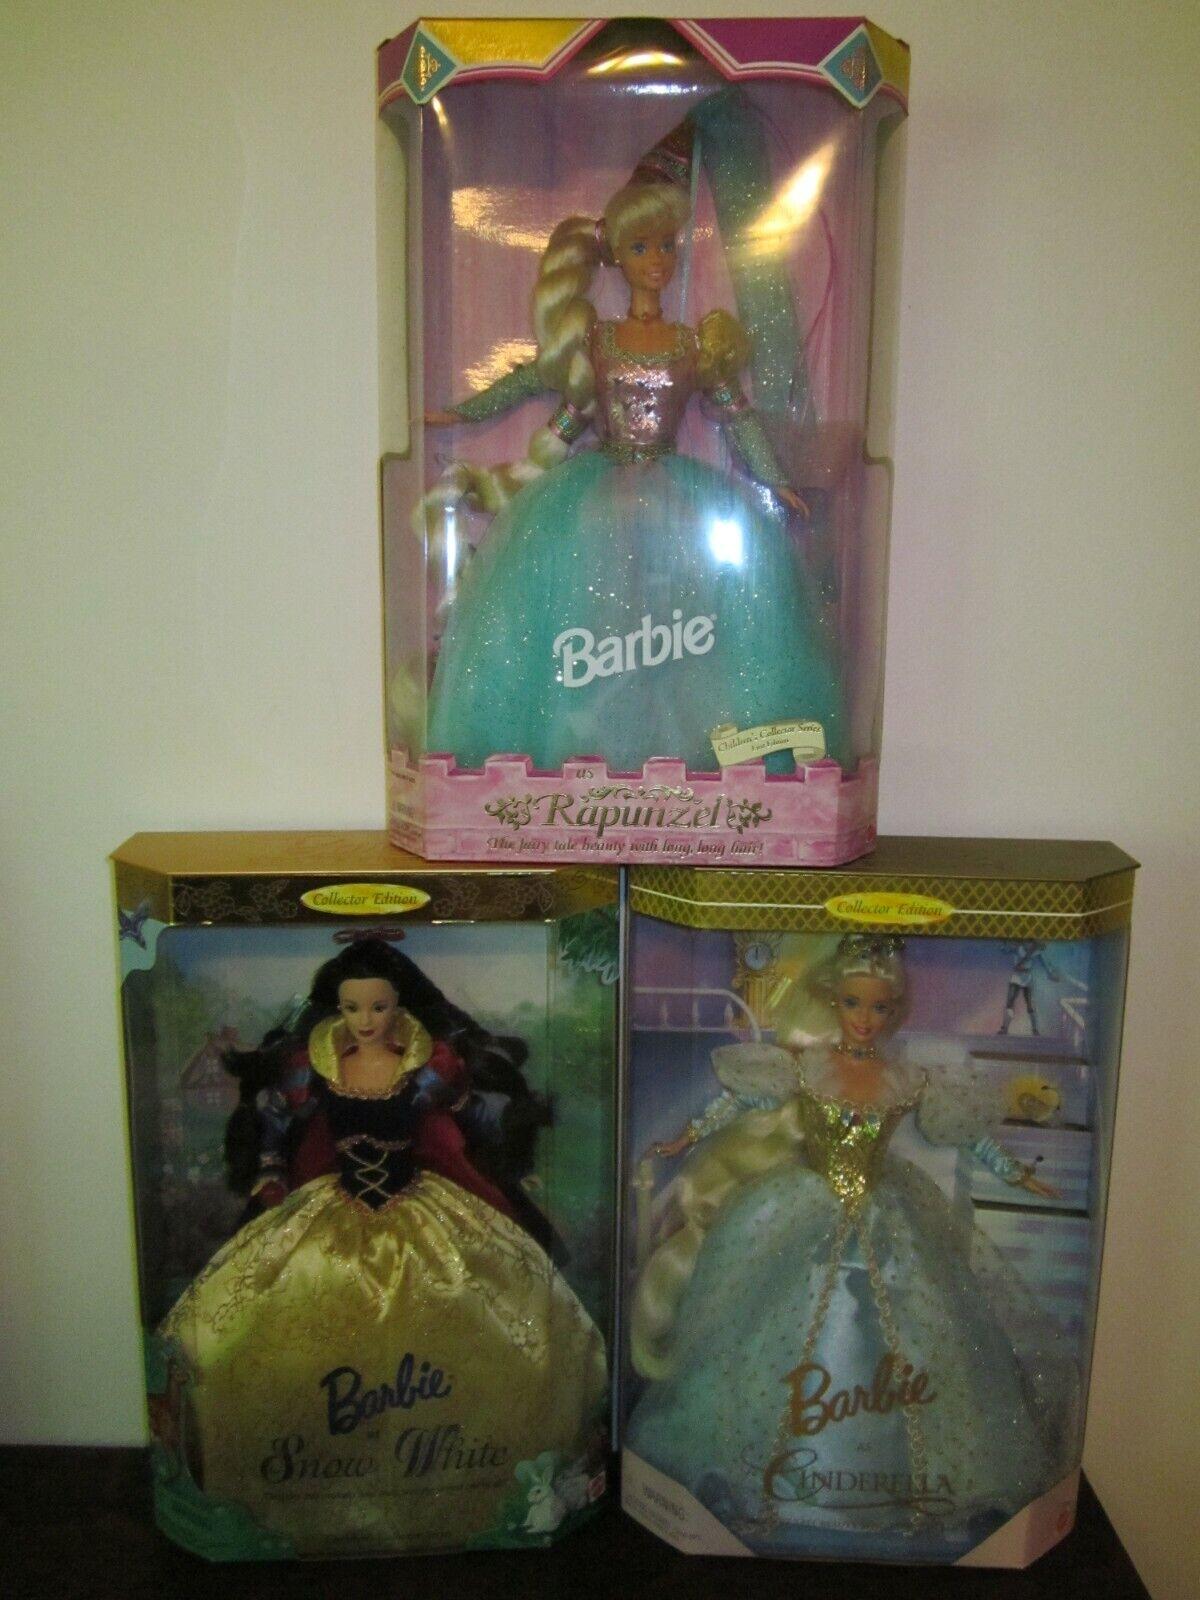 Barbie Lote De 3 Niños Serie Rapunzel blancoanieves'94'98 y'96 de Cenicienta